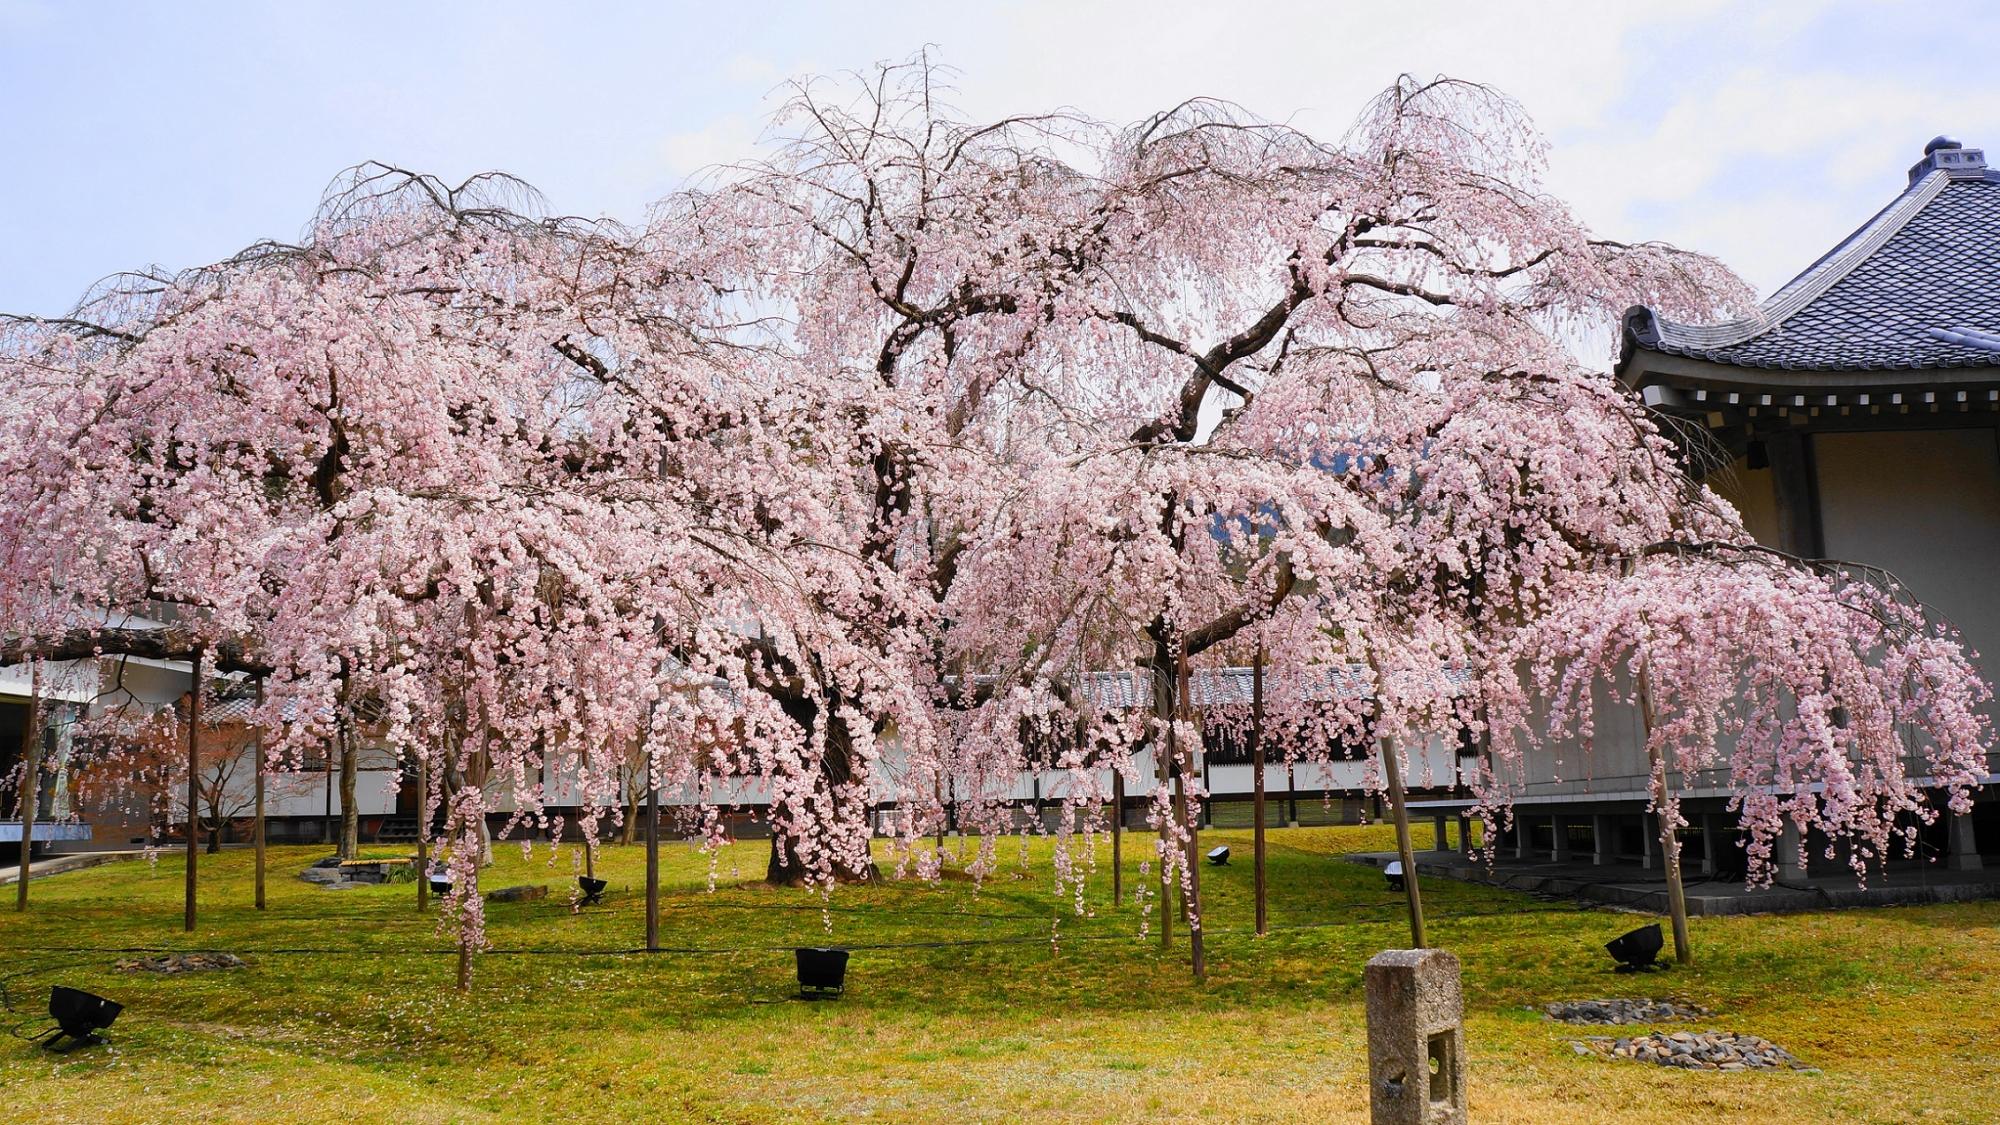 桜の名所の醍醐寺の霊宝館の満開の醍醐深雪桜(みゆき桜)